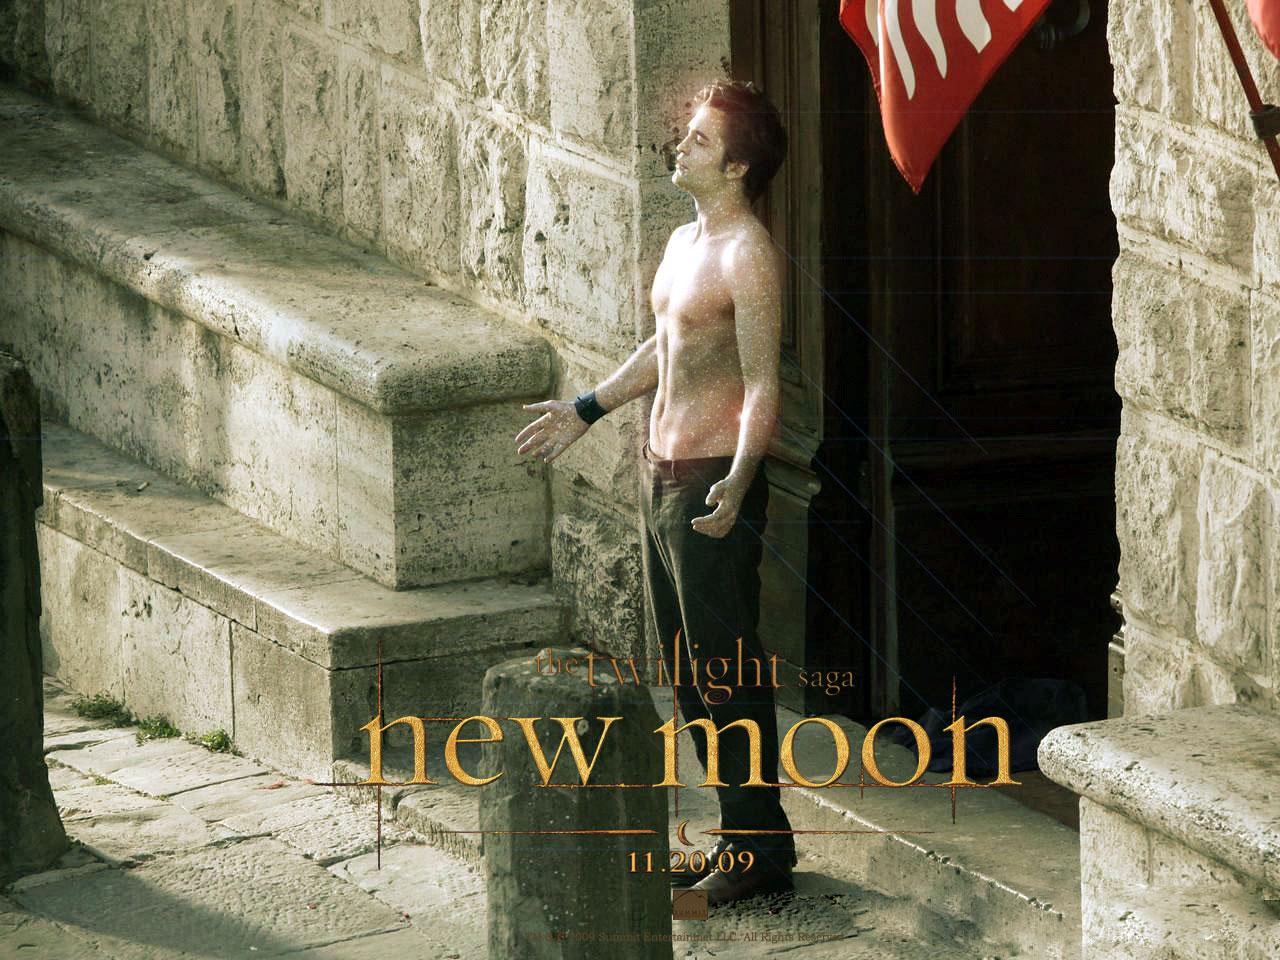 http://fc04.deviantart.net/fs43/f/2009/161/c/5/edward_cullen_new_moon_by_lildevilme.jpg